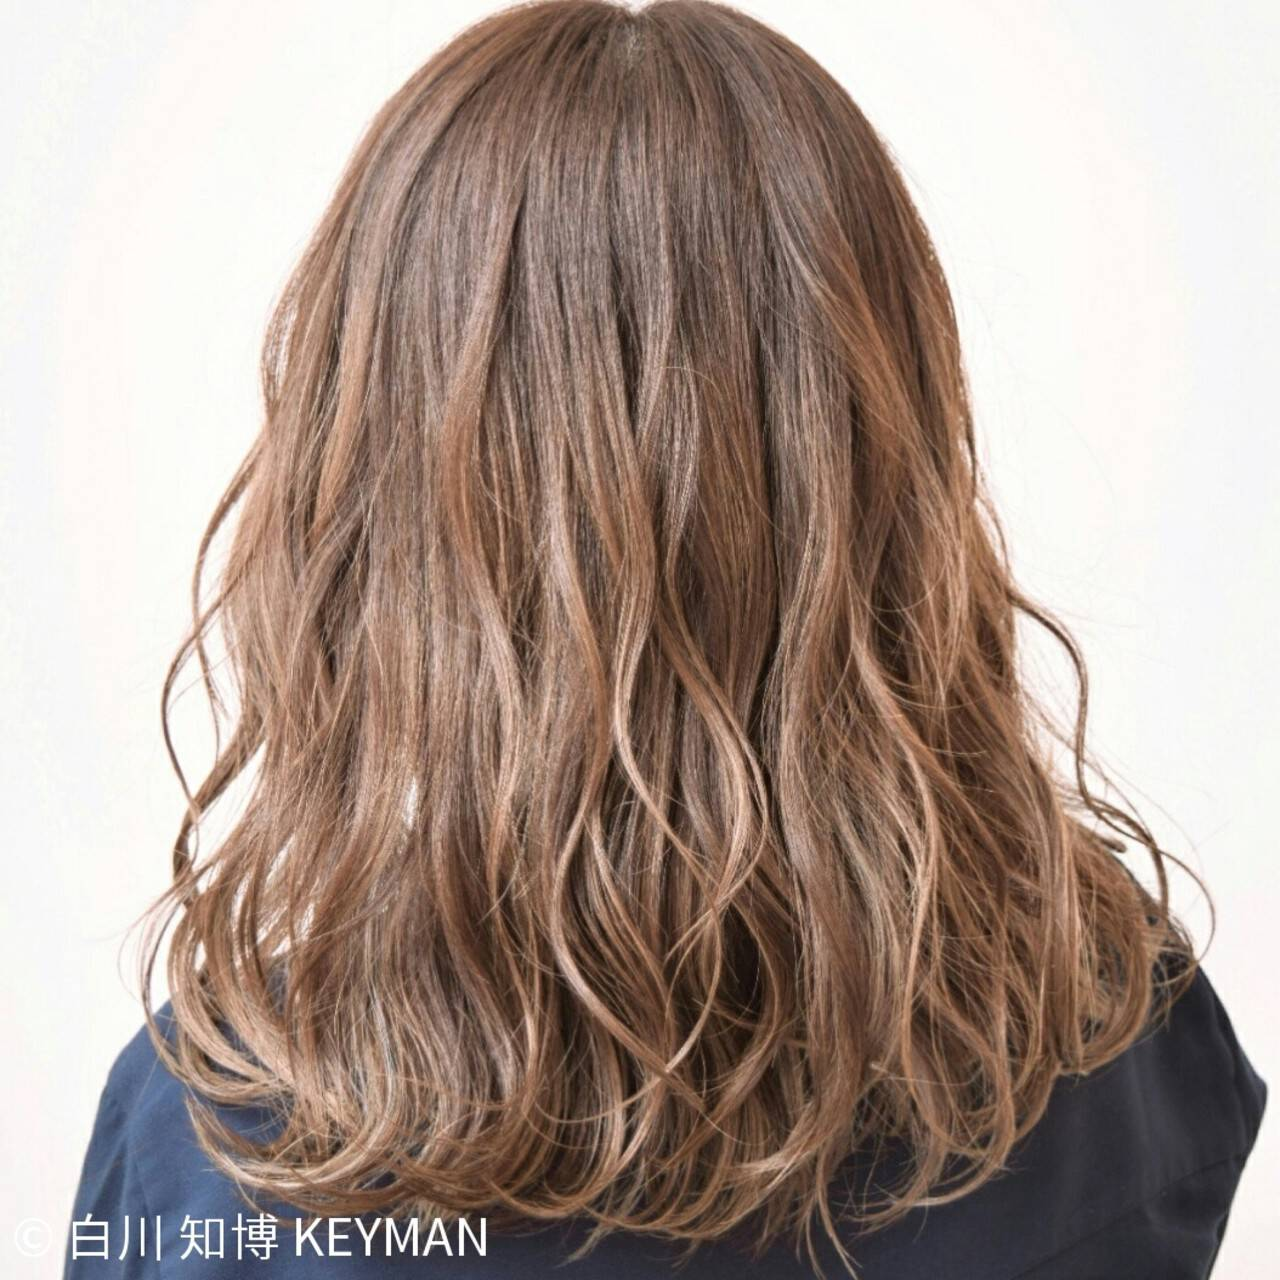 セミロング インナーカラー ヘアアレンジ ストリートヘアスタイルや髪型の写真・画像